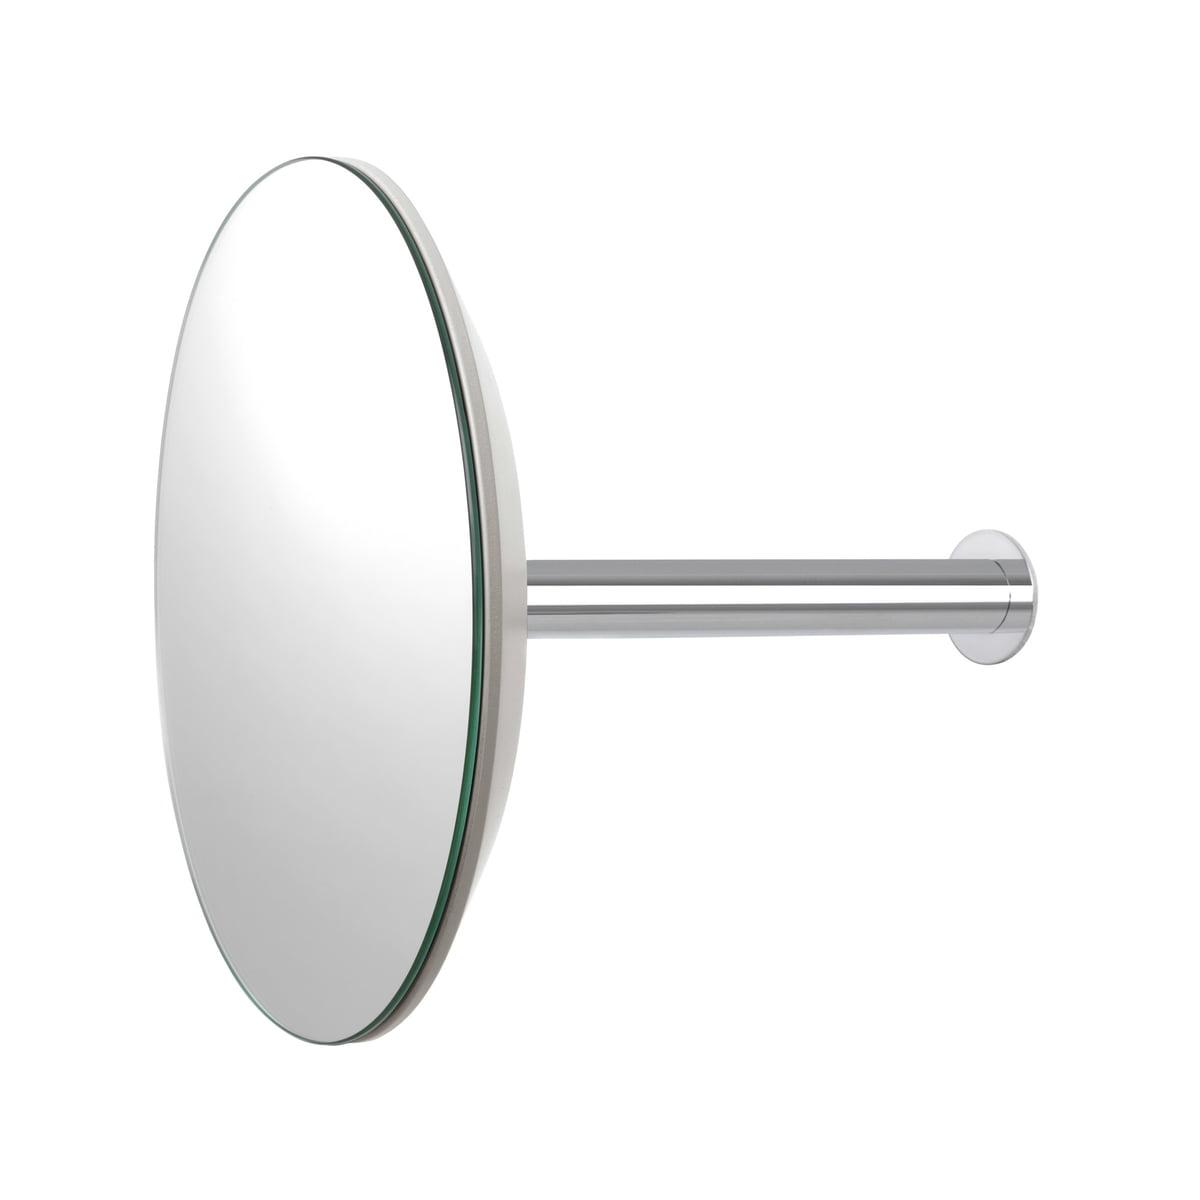 Schönbuch - Slot Wandgarderobe mit Spiegel Ø 24 cm, grau-weiß | Flur & Diele > Spiegel > Garderobenspiegel | Grauweiß | Hängebeschlag chrom glänzend | Schönbuch